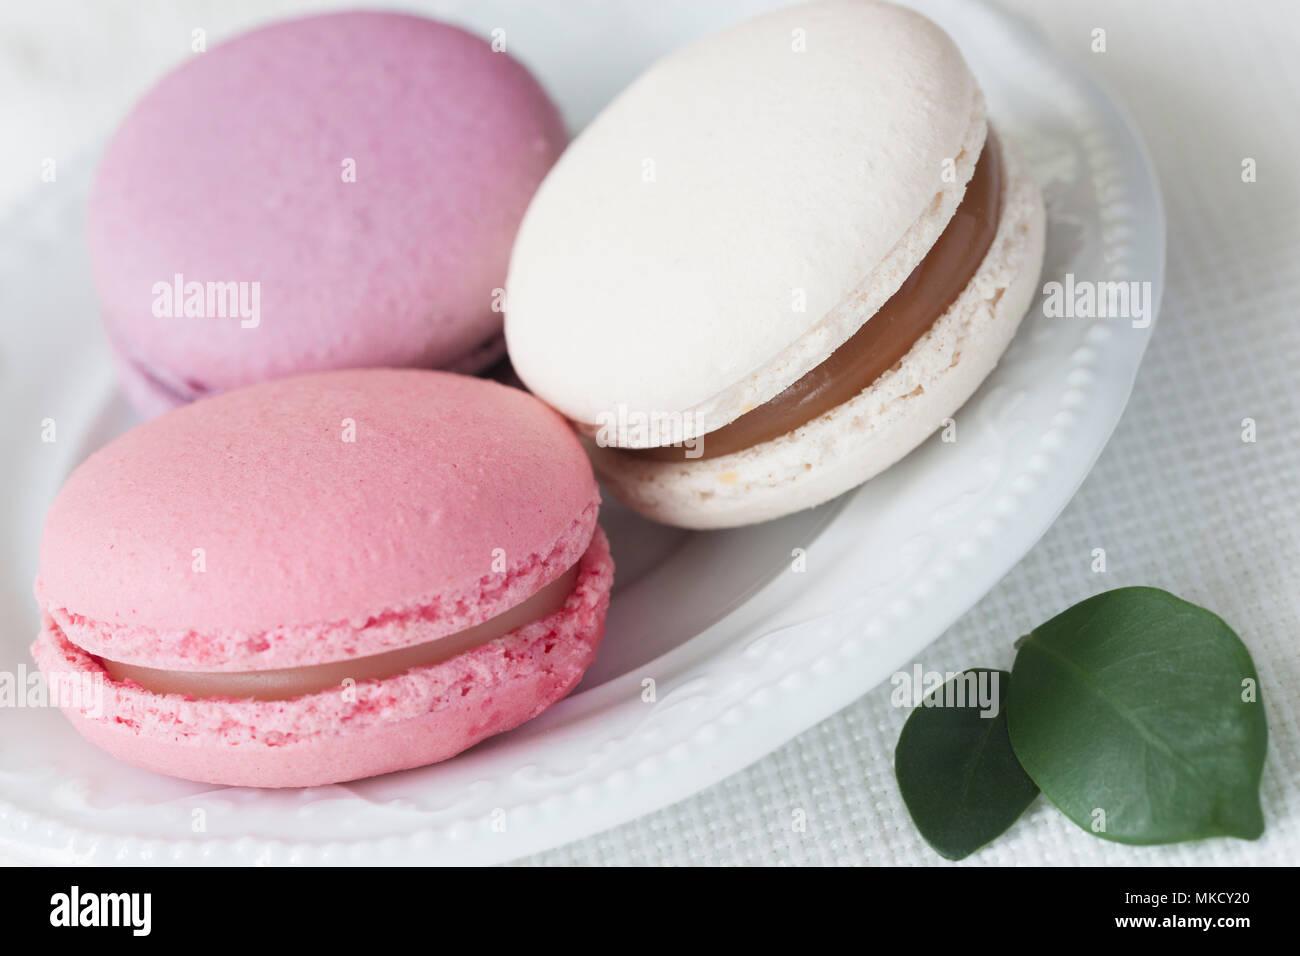 Rosa, Weiß und Violett Makronen close-up in weiße Platte, spring green Blütenblätter, zarten Pastelltönen Hintergrund. Soft Focus. Romantische morgen, Geschenk für Freund Stockbild